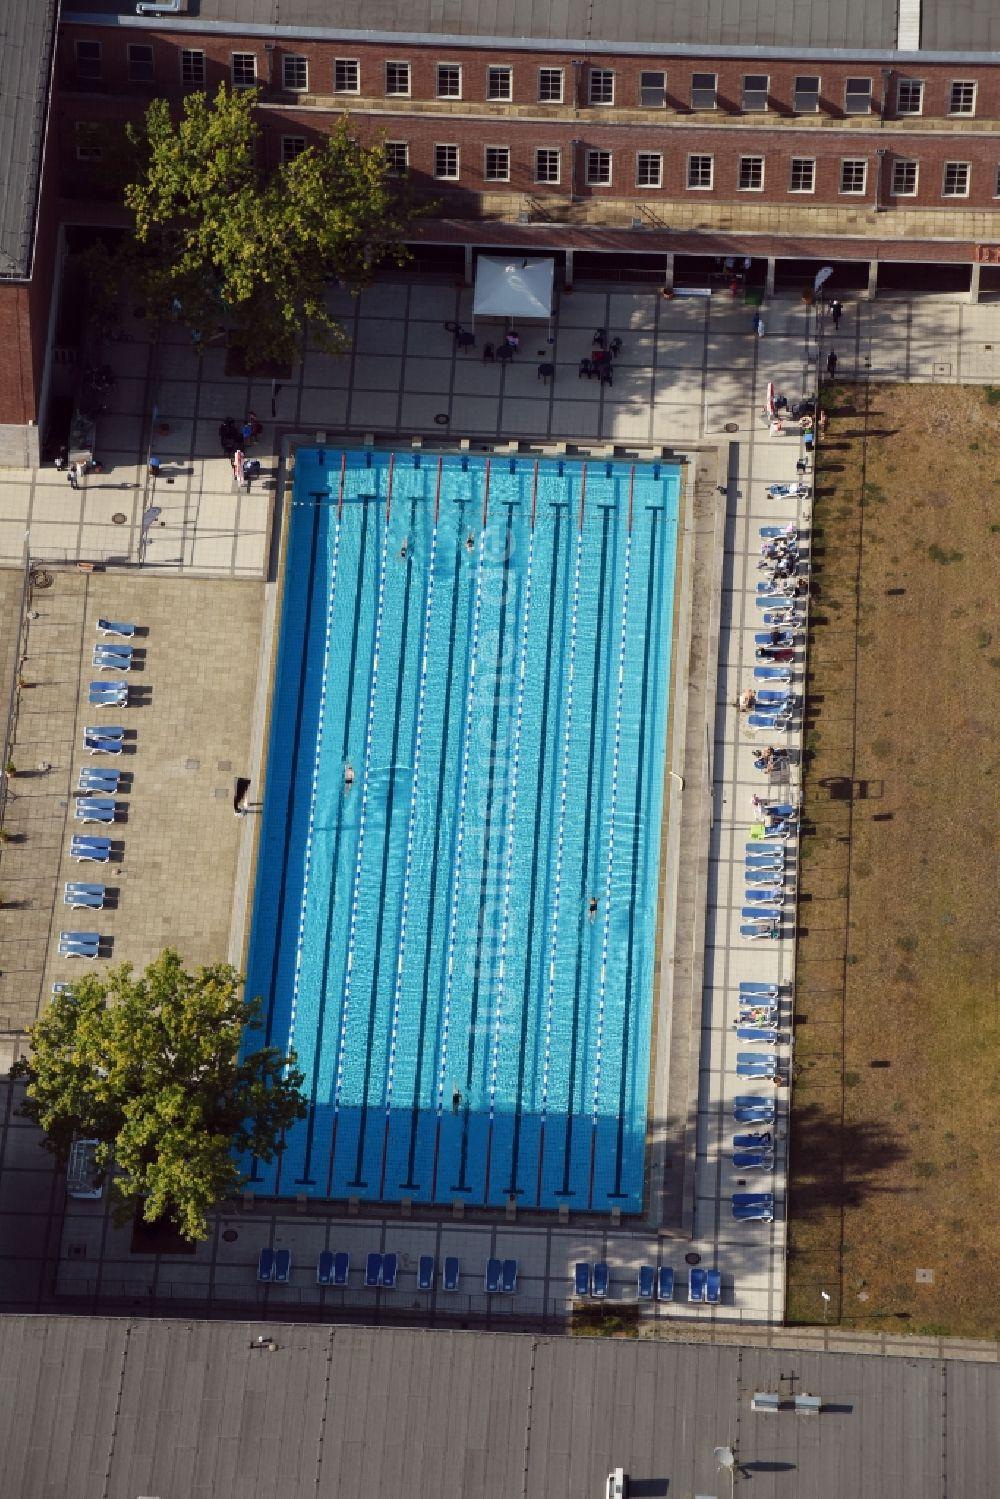 Berlin Aus Der Vogelperspektive: Schwimmbecken Des Freibades Sommerbad  Olympiastadion Am Olympischer Platz In Berlin